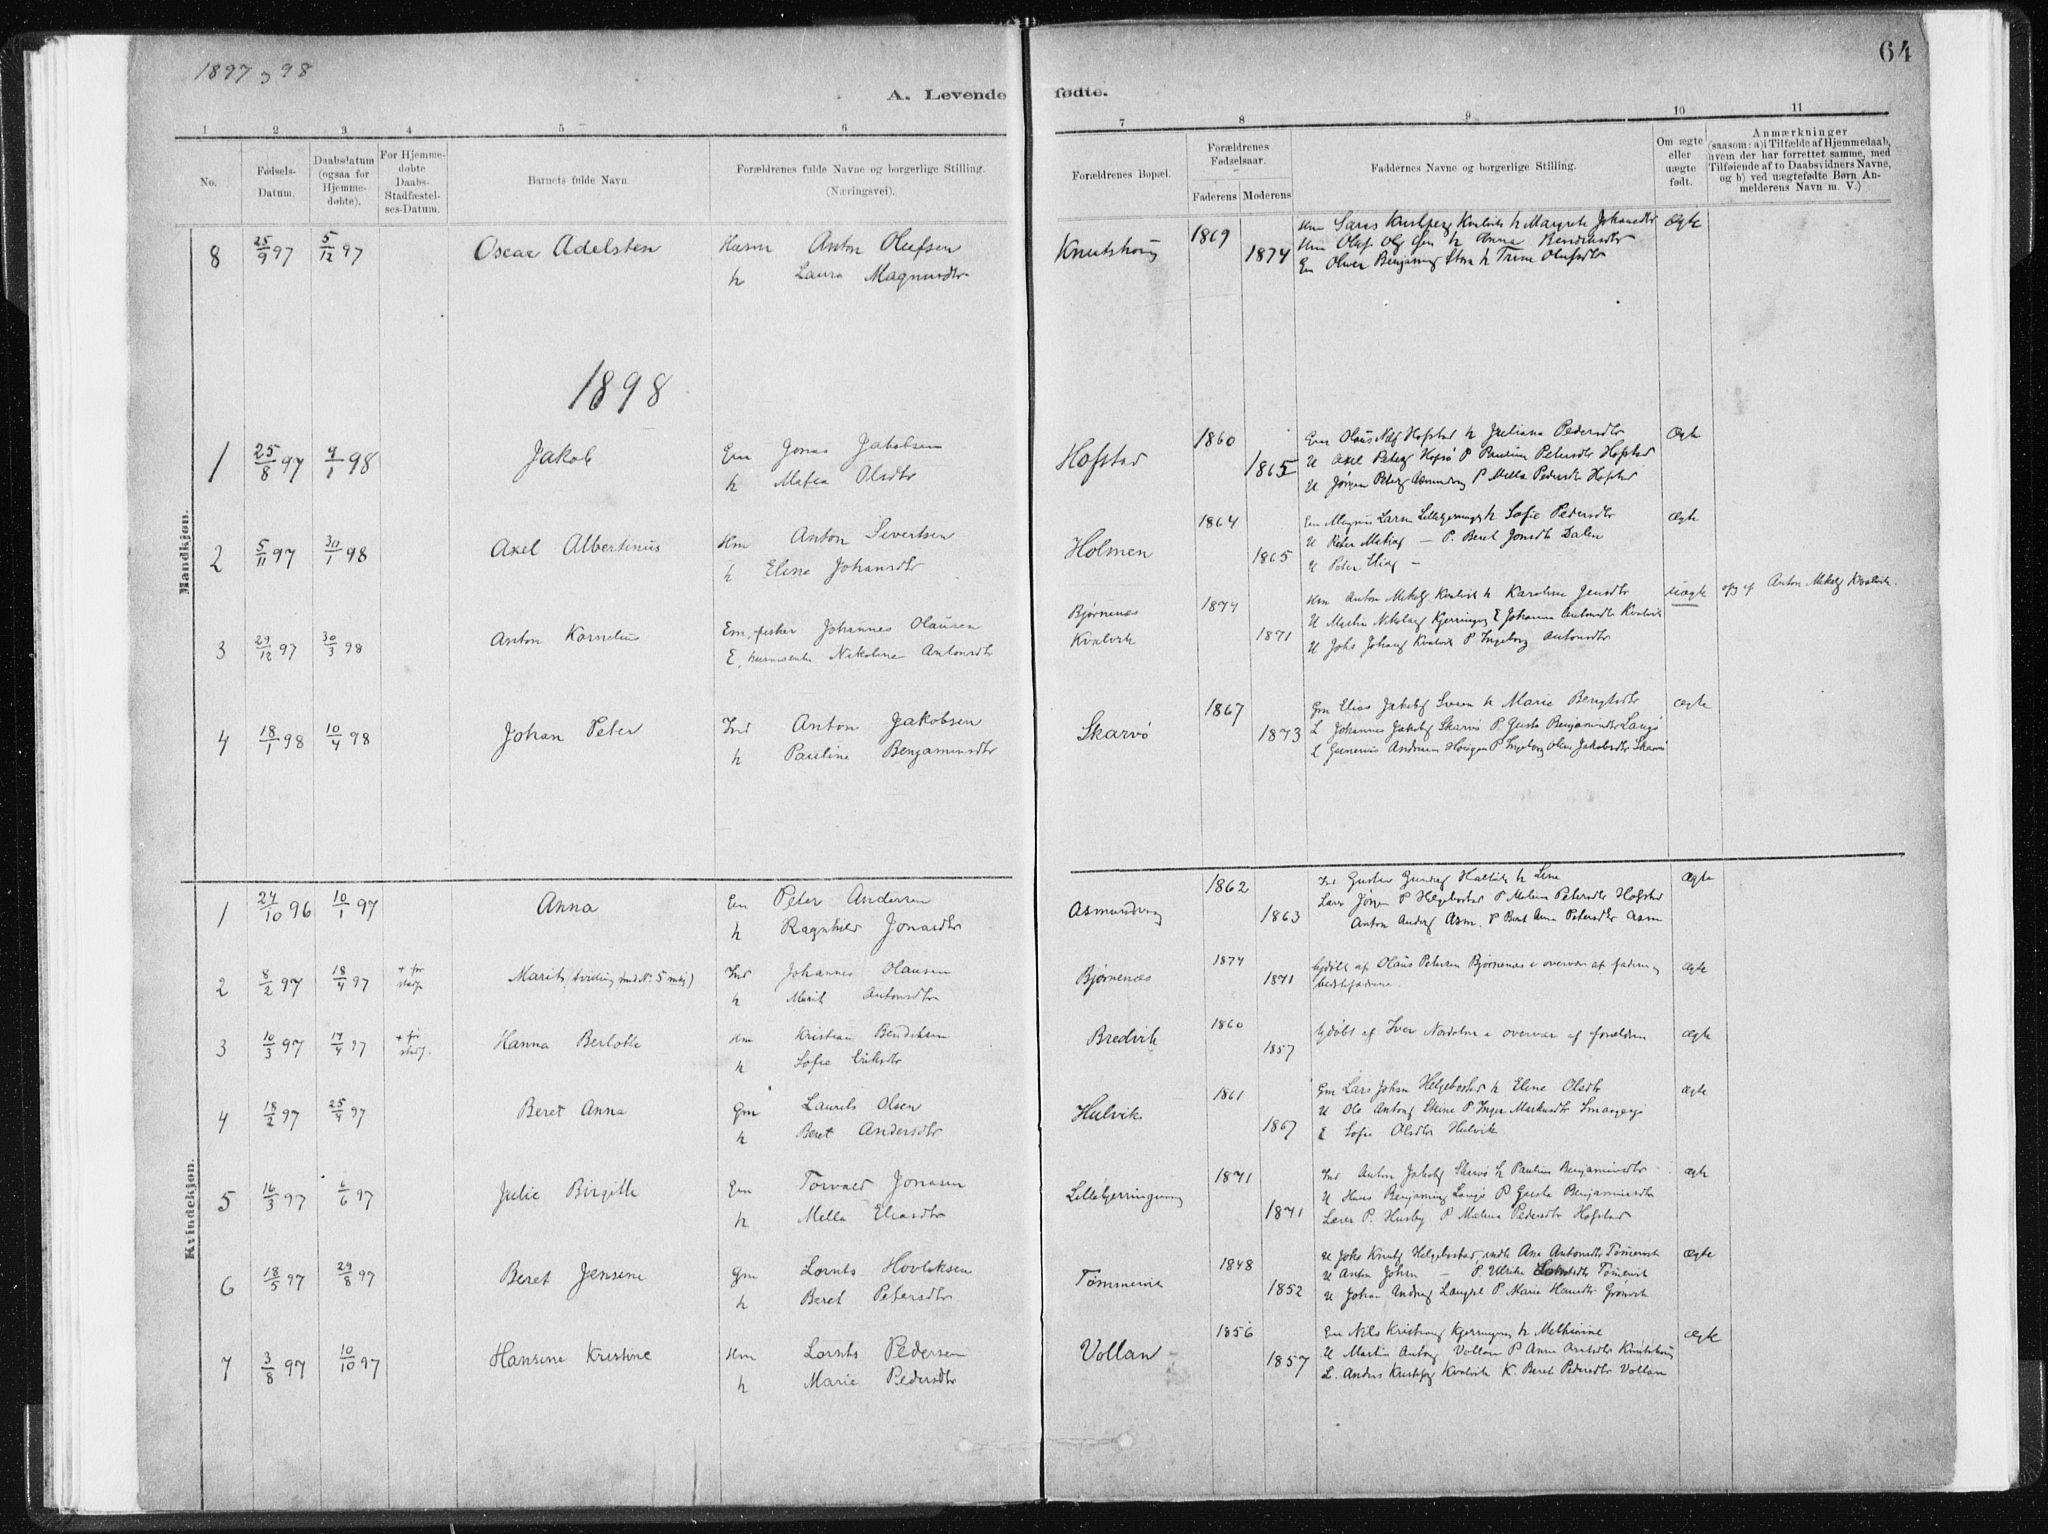 SAT, Ministerialprotokoller, klokkerbøker og fødselsregistre - Sør-Trøndelag, 634/L0533: Ministerialbok nr. 634A09, 1882-1901, s. 64